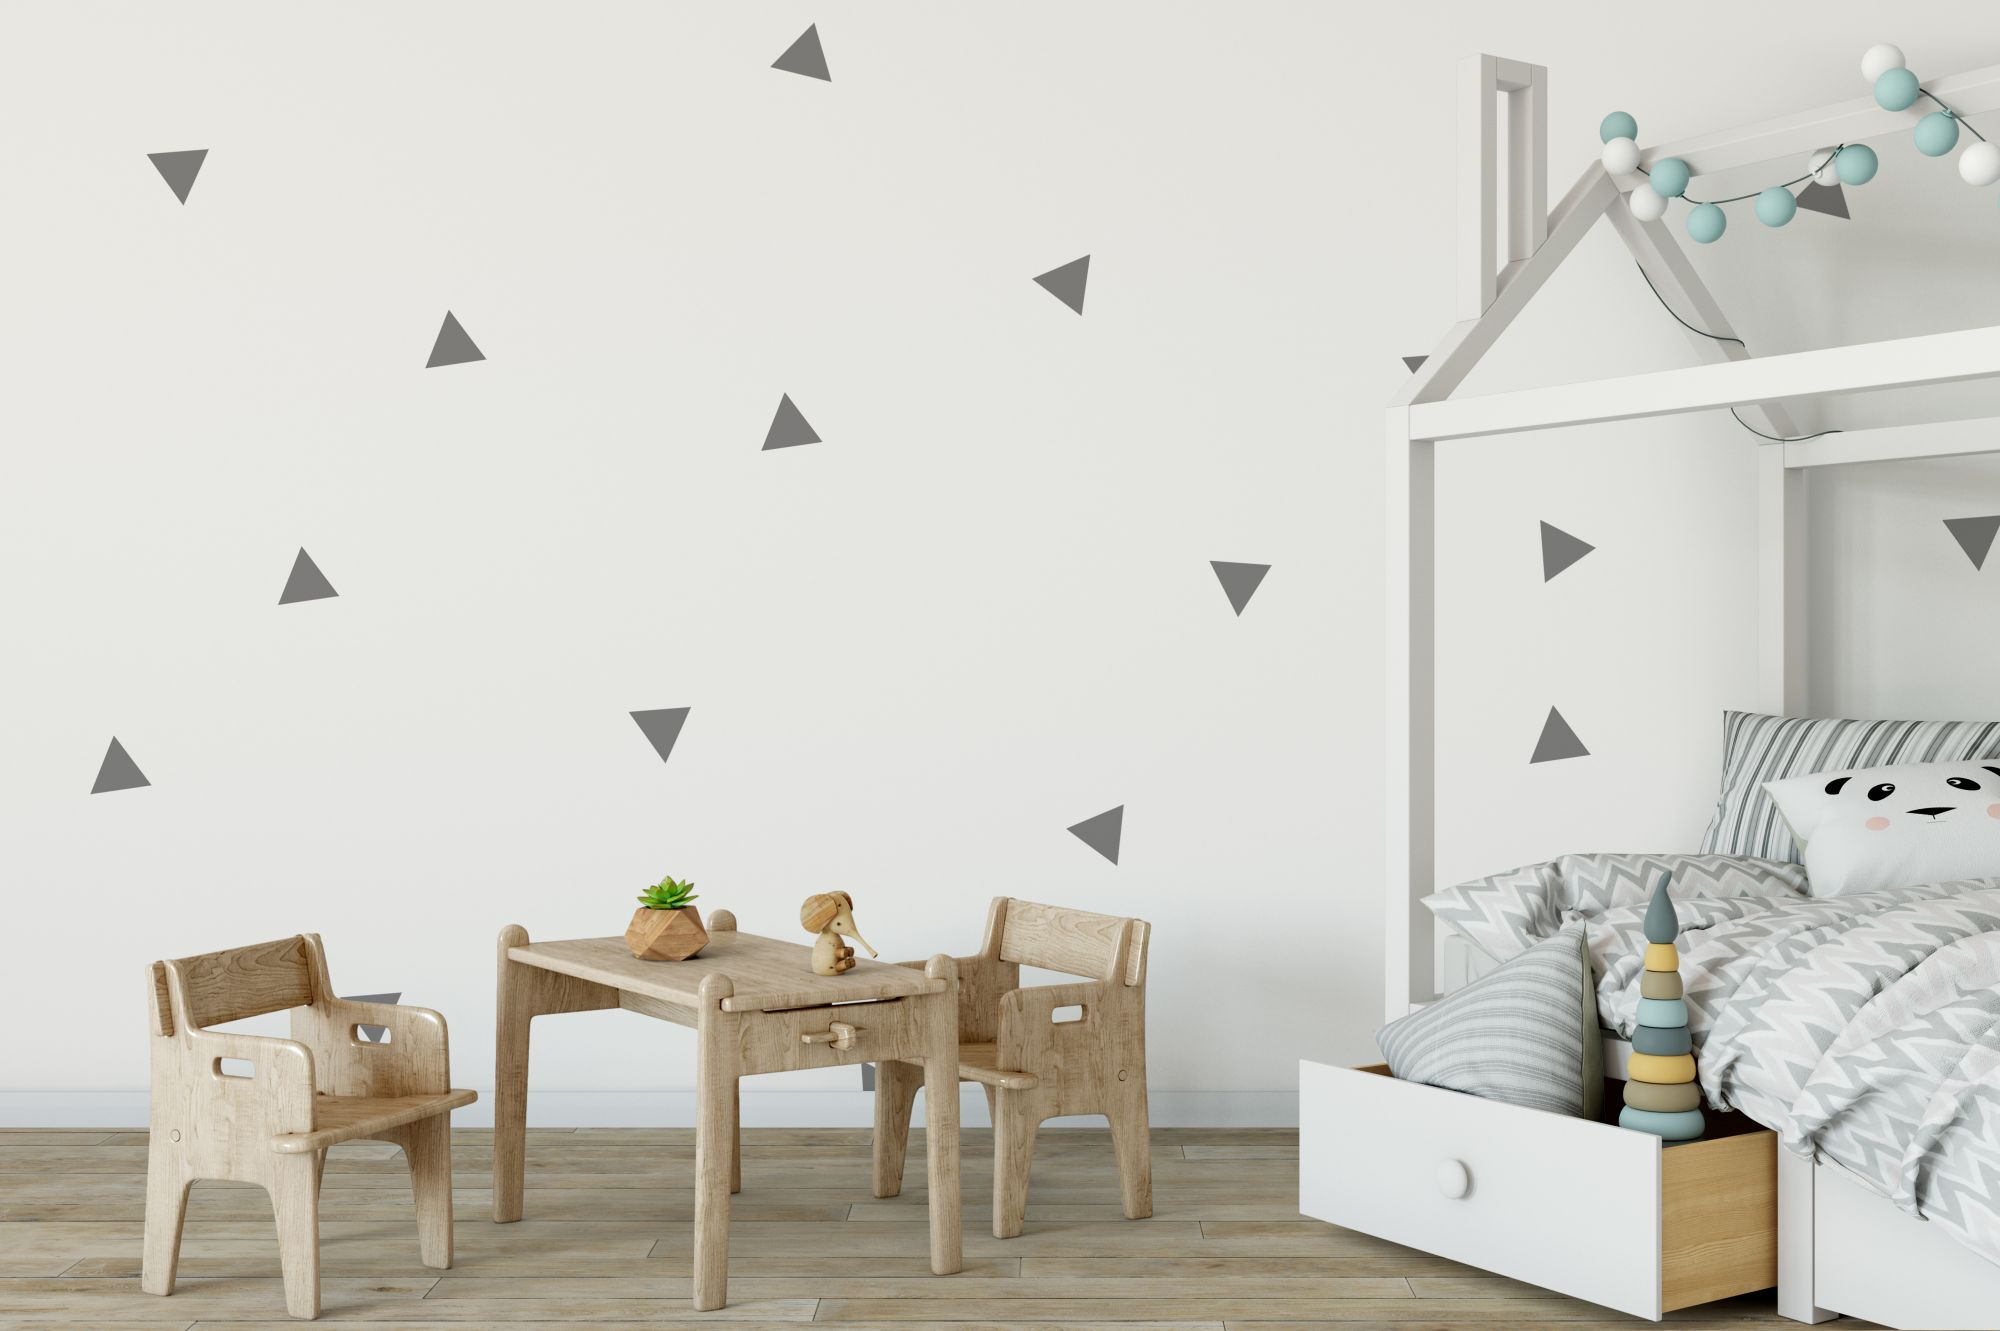 Pareti decorate con geometrie nella cameretta dei bambini